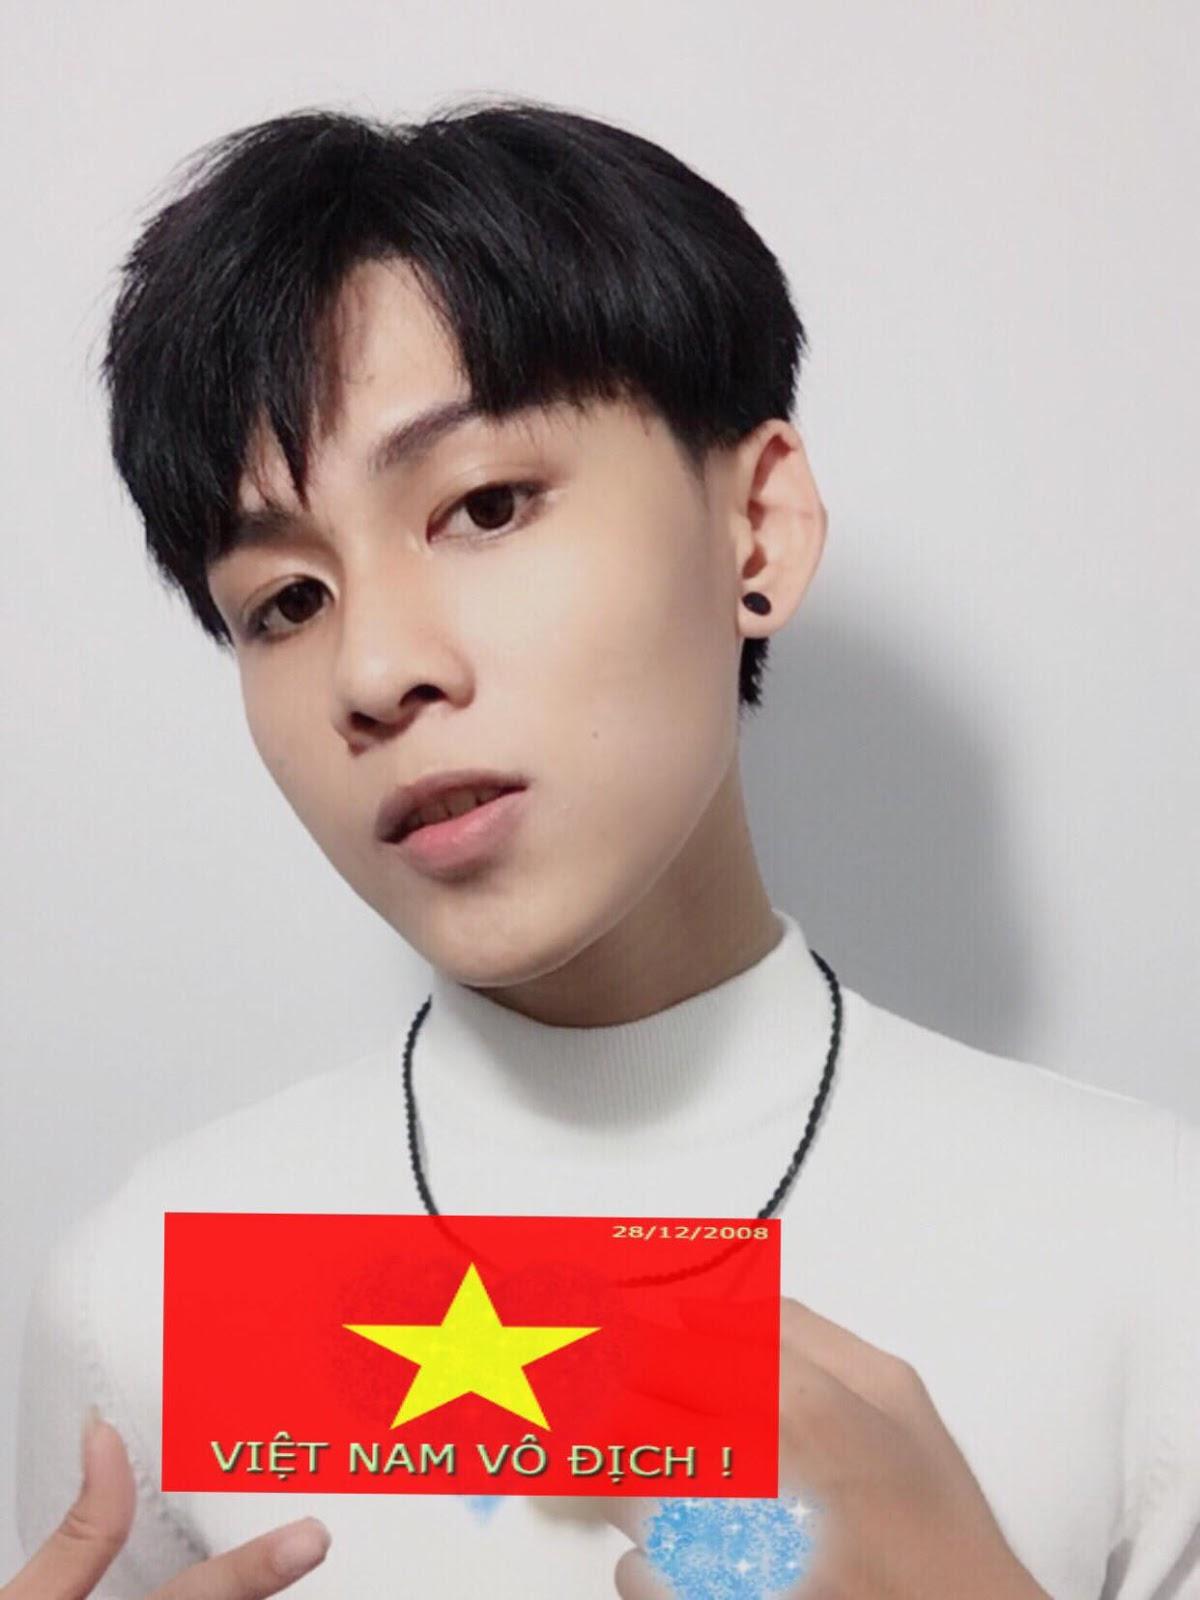 Anh chàng Dương Thanh Duy